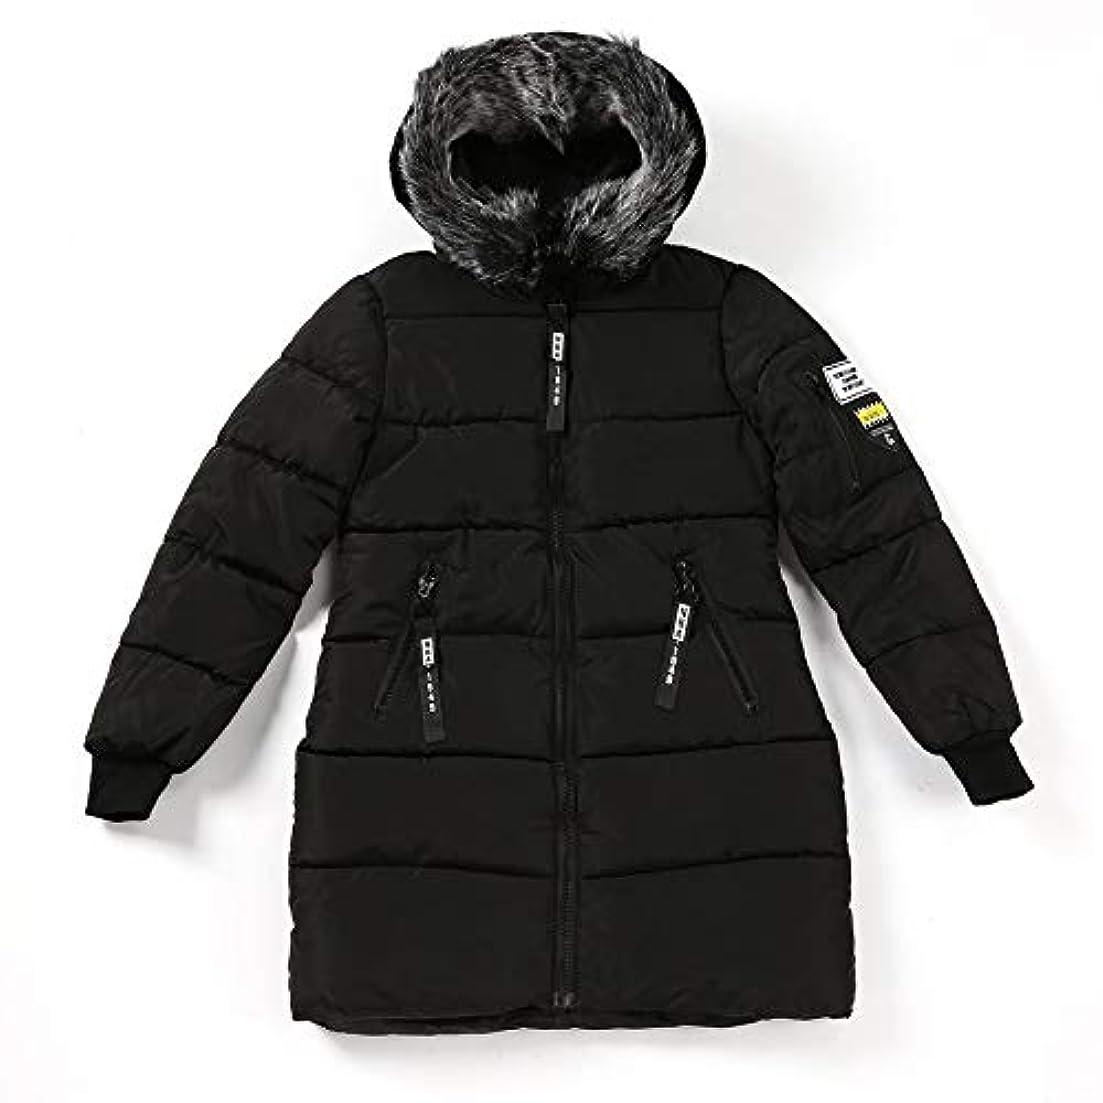 ロゴ船員憲法韓国スタイルの女性のコートファッションオールマッチフード付きダウンジャケット綿パッド入り厚く暖かいコートミドルロング冬生き抜くコート-ブラックM